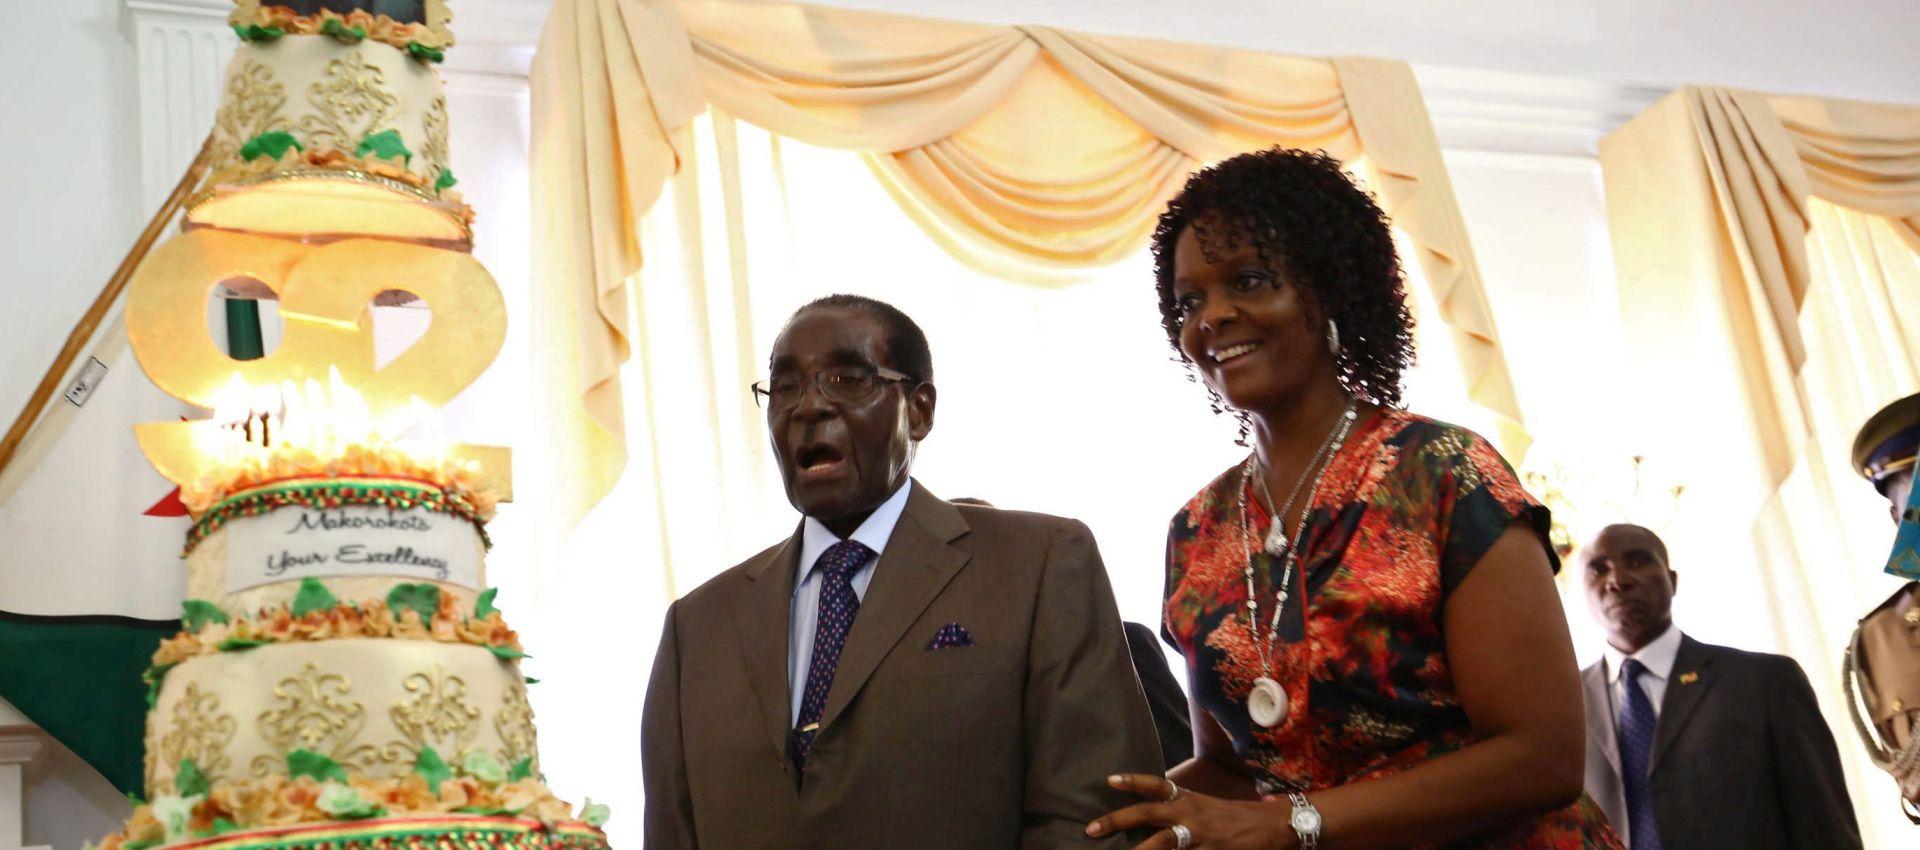 ROBERT MUGABE: Raskošan rođendan 92-godišnjeg vladara dok narod grca u siromaštvu